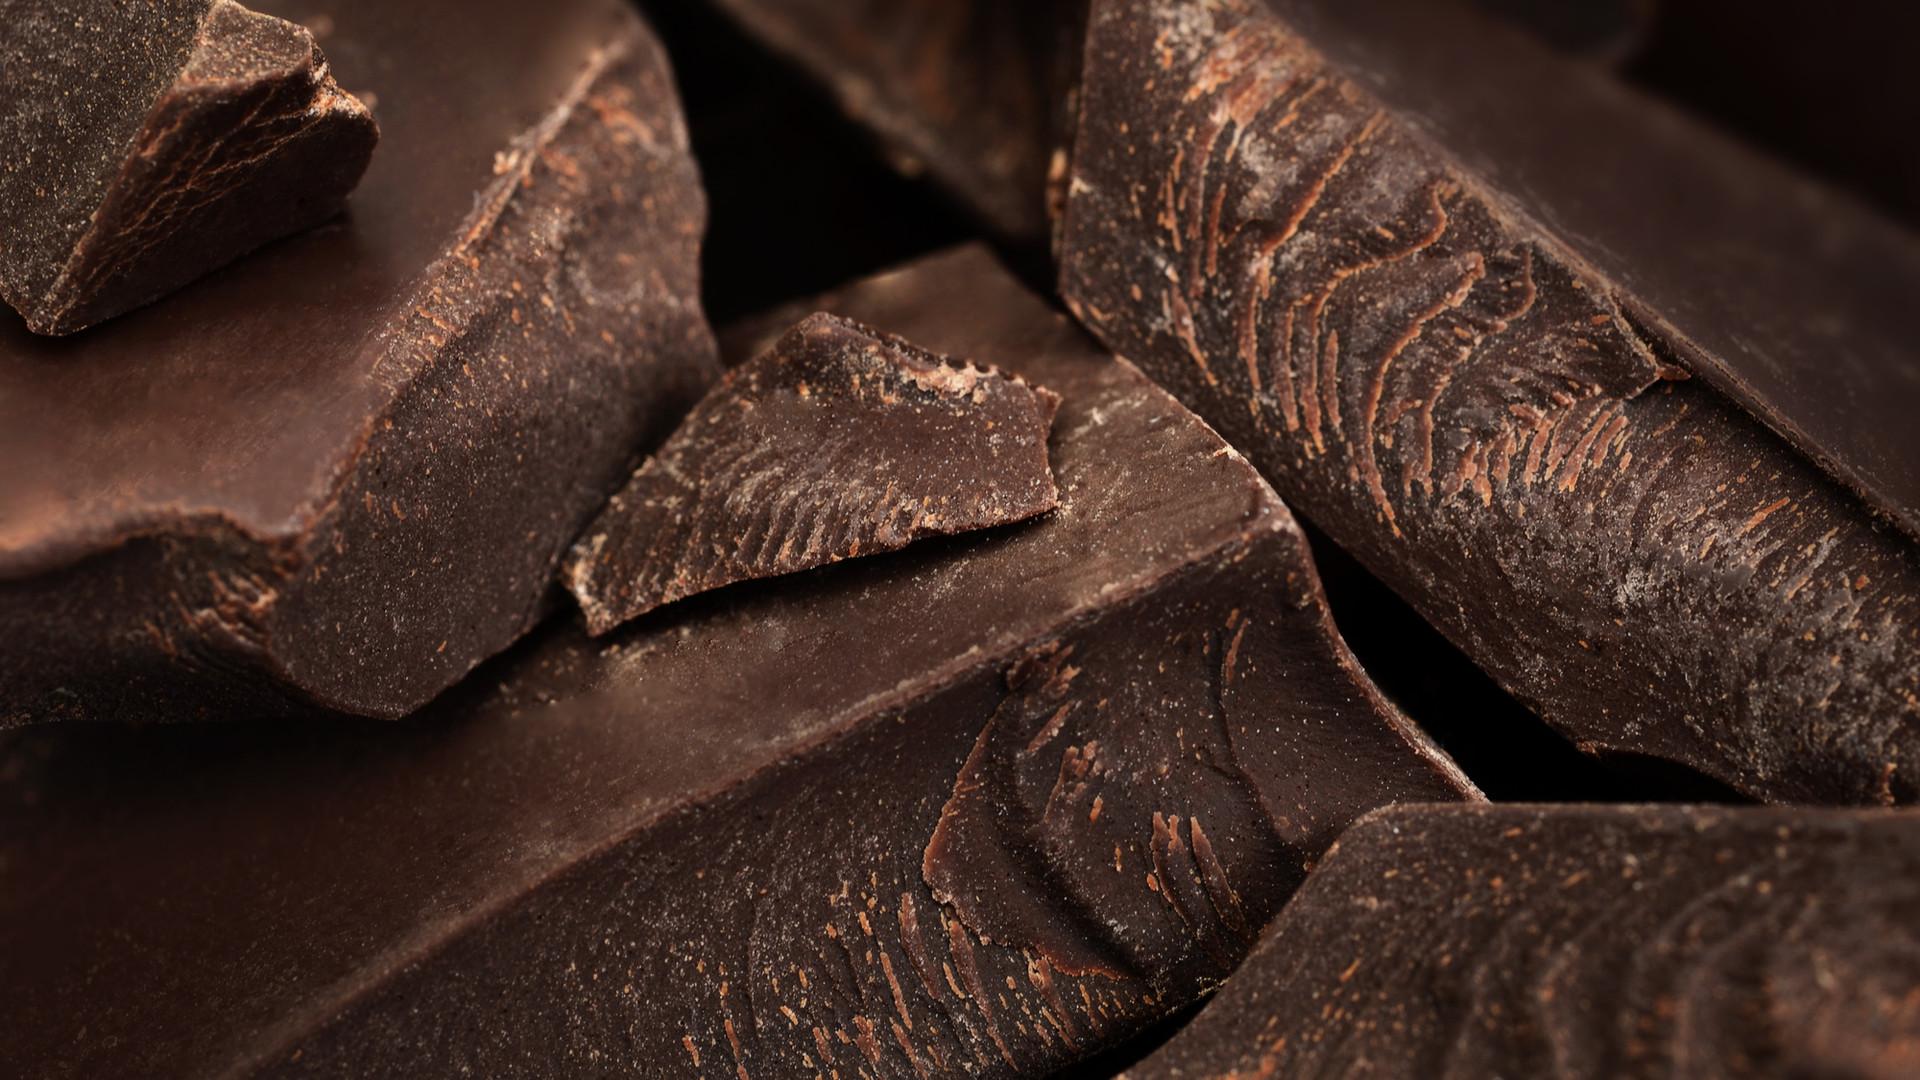 Çikolata parçaları